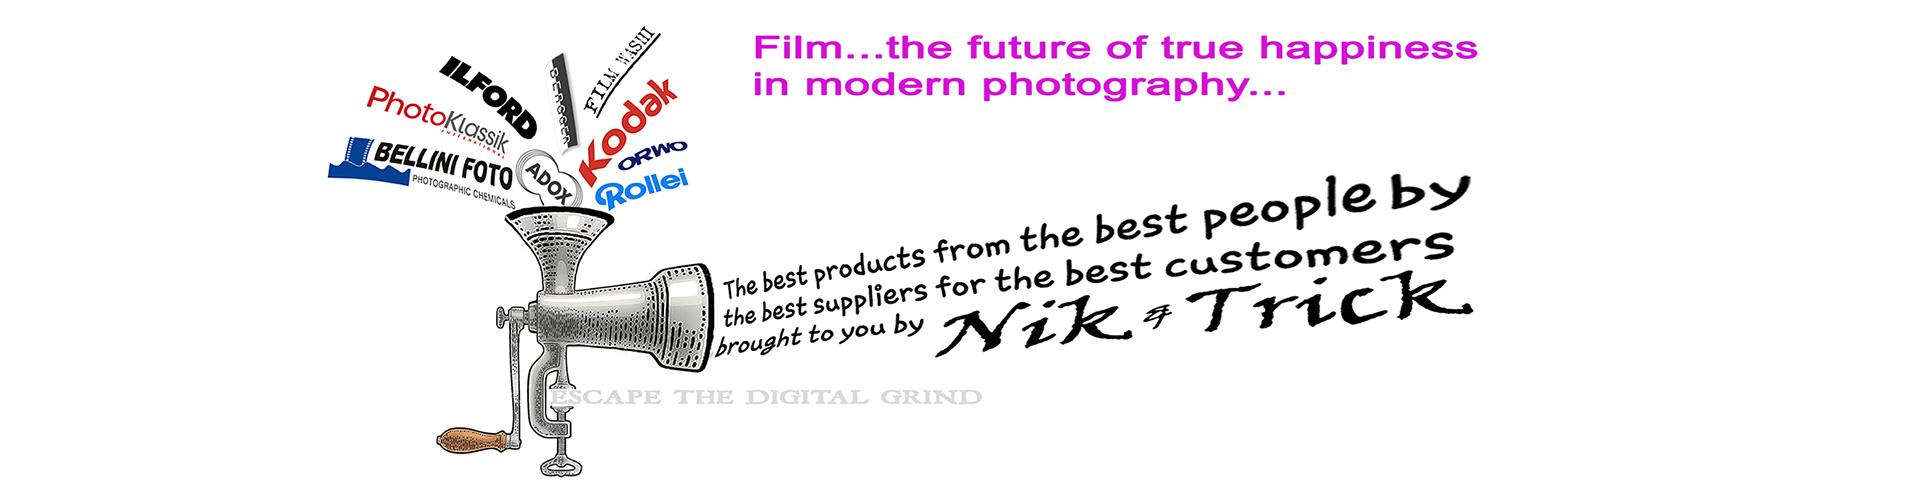 rare camera film